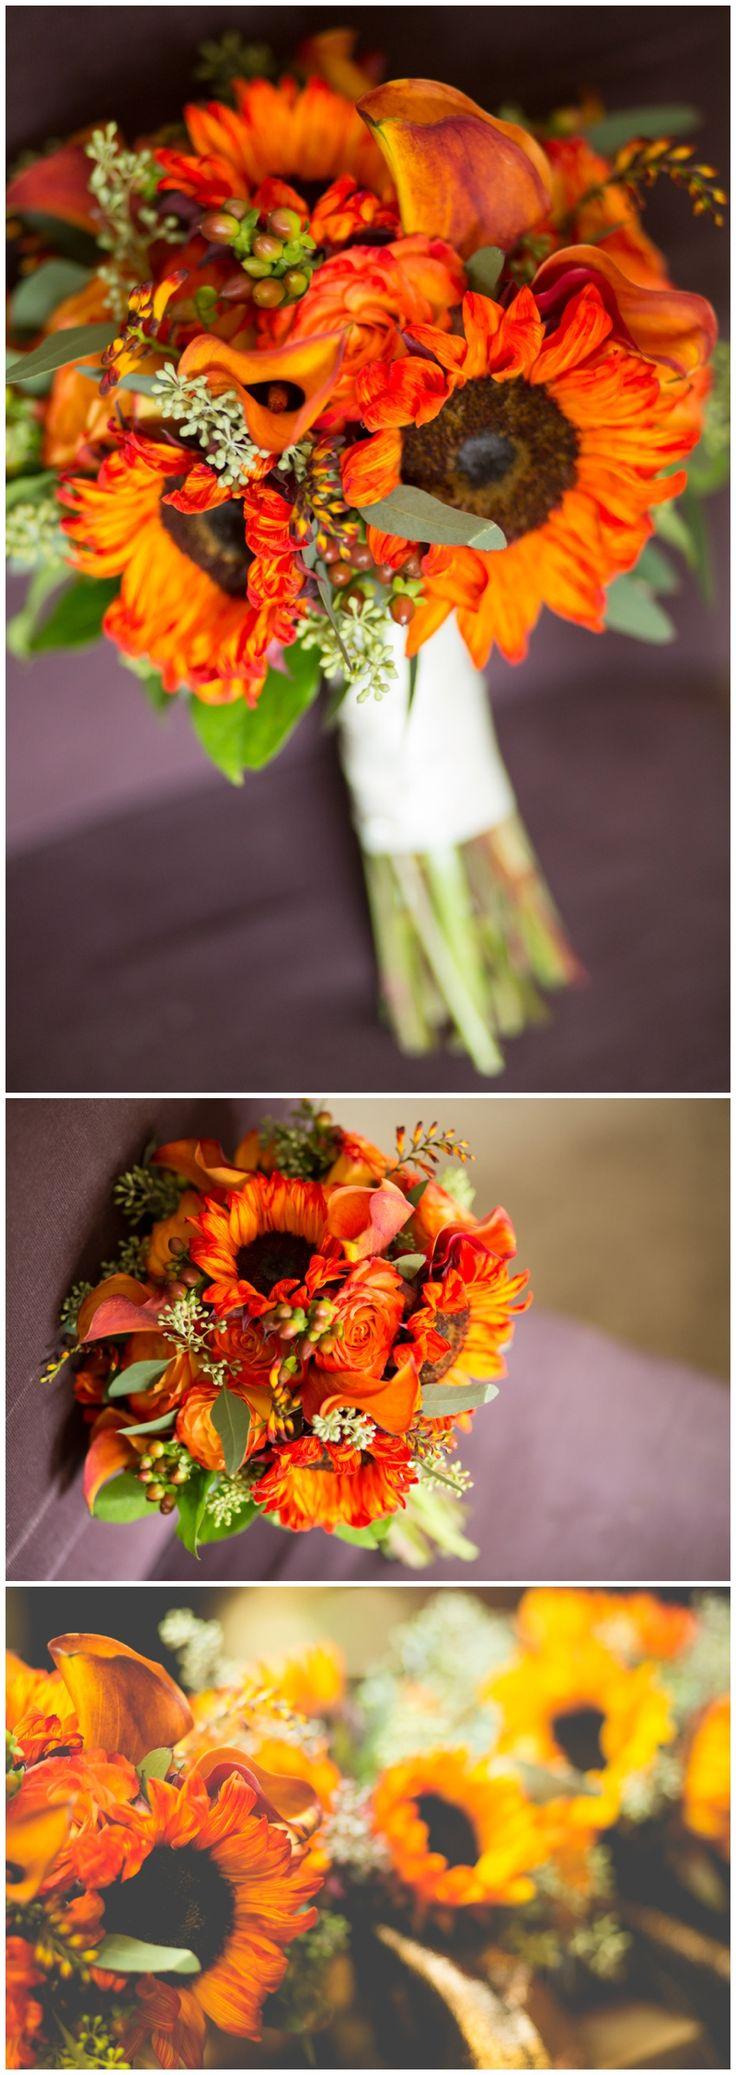 Fall, Sunflower Wedding Bouquet by Iza's Flowers, Inc.  www.weddibgsbyiza.com Photo by Brandi Image Photography